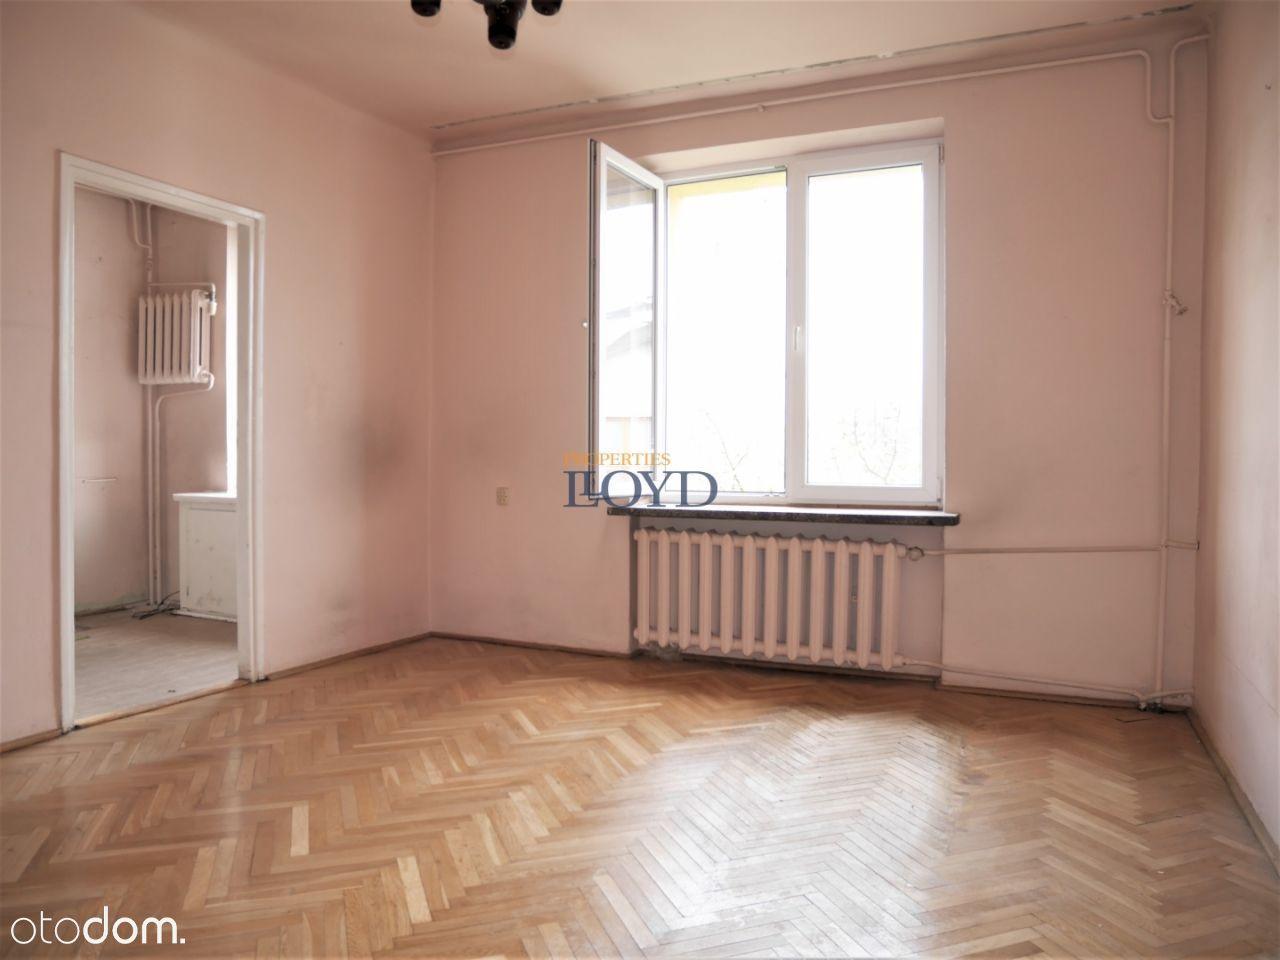 Mieszkanie na sprzedaż, Warszawa, Sady Żoliborskie - Foto 3